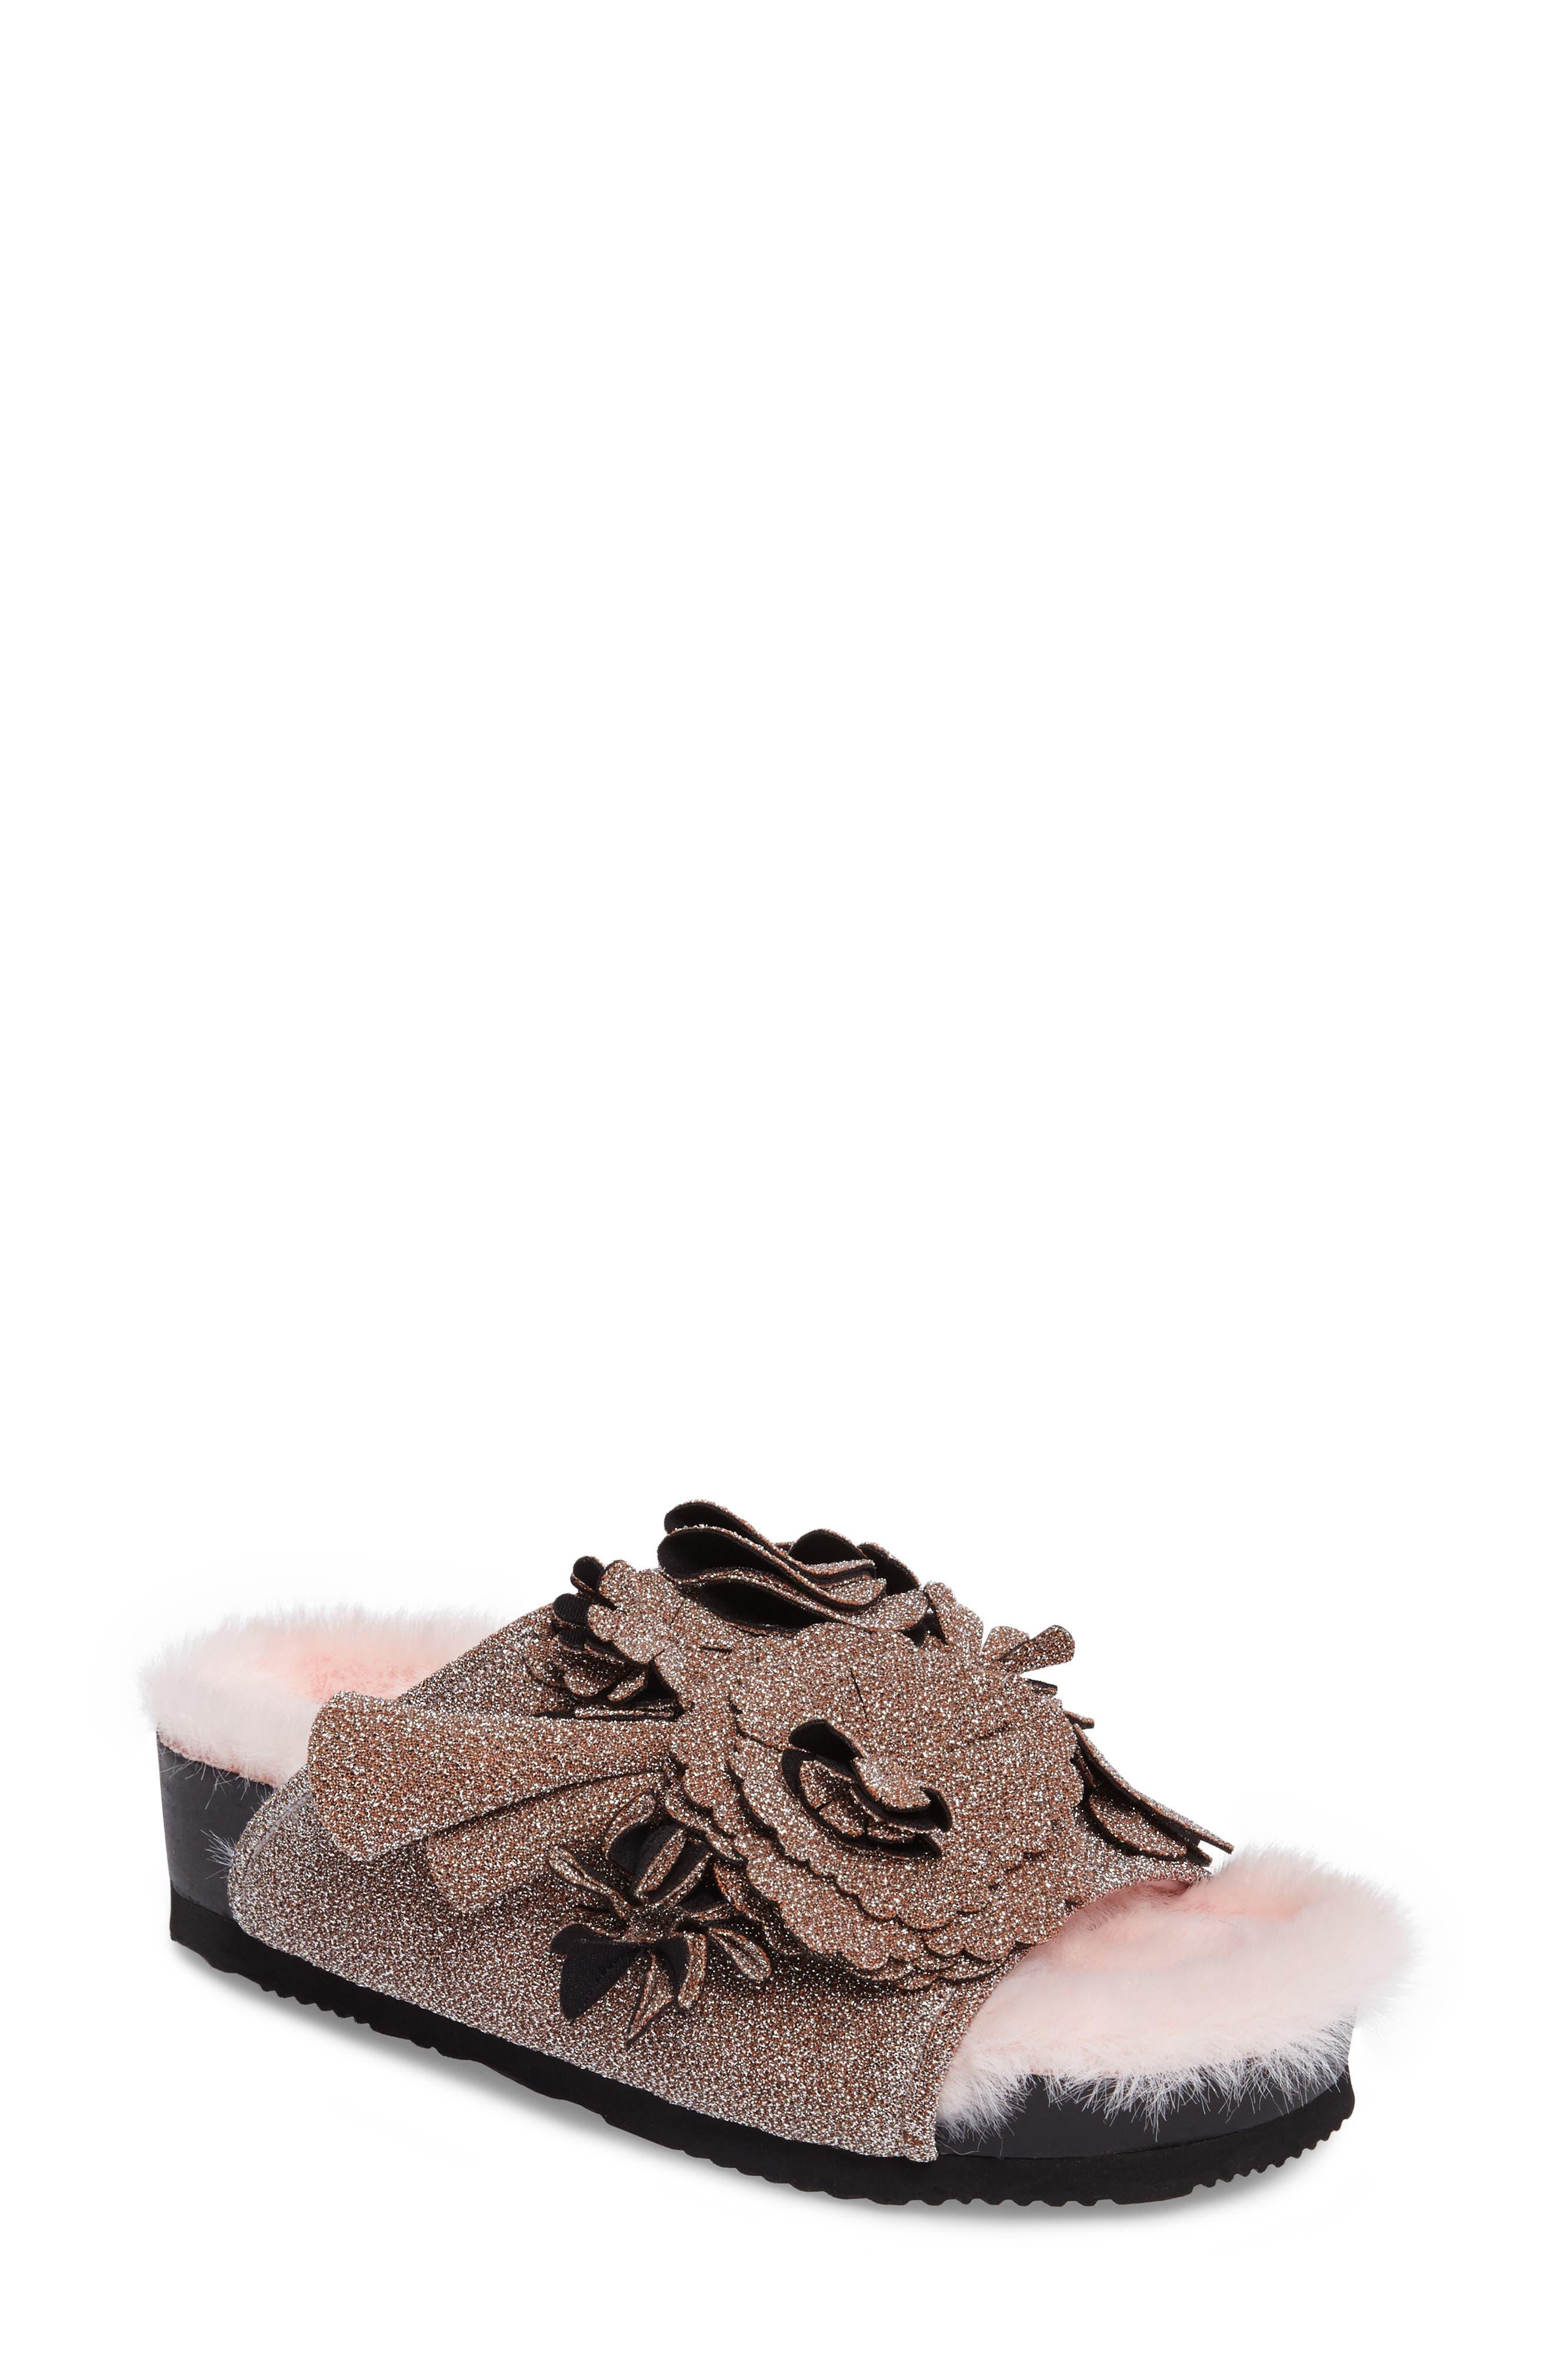 Floral Slide Sandal,                         Main,                         color, 650